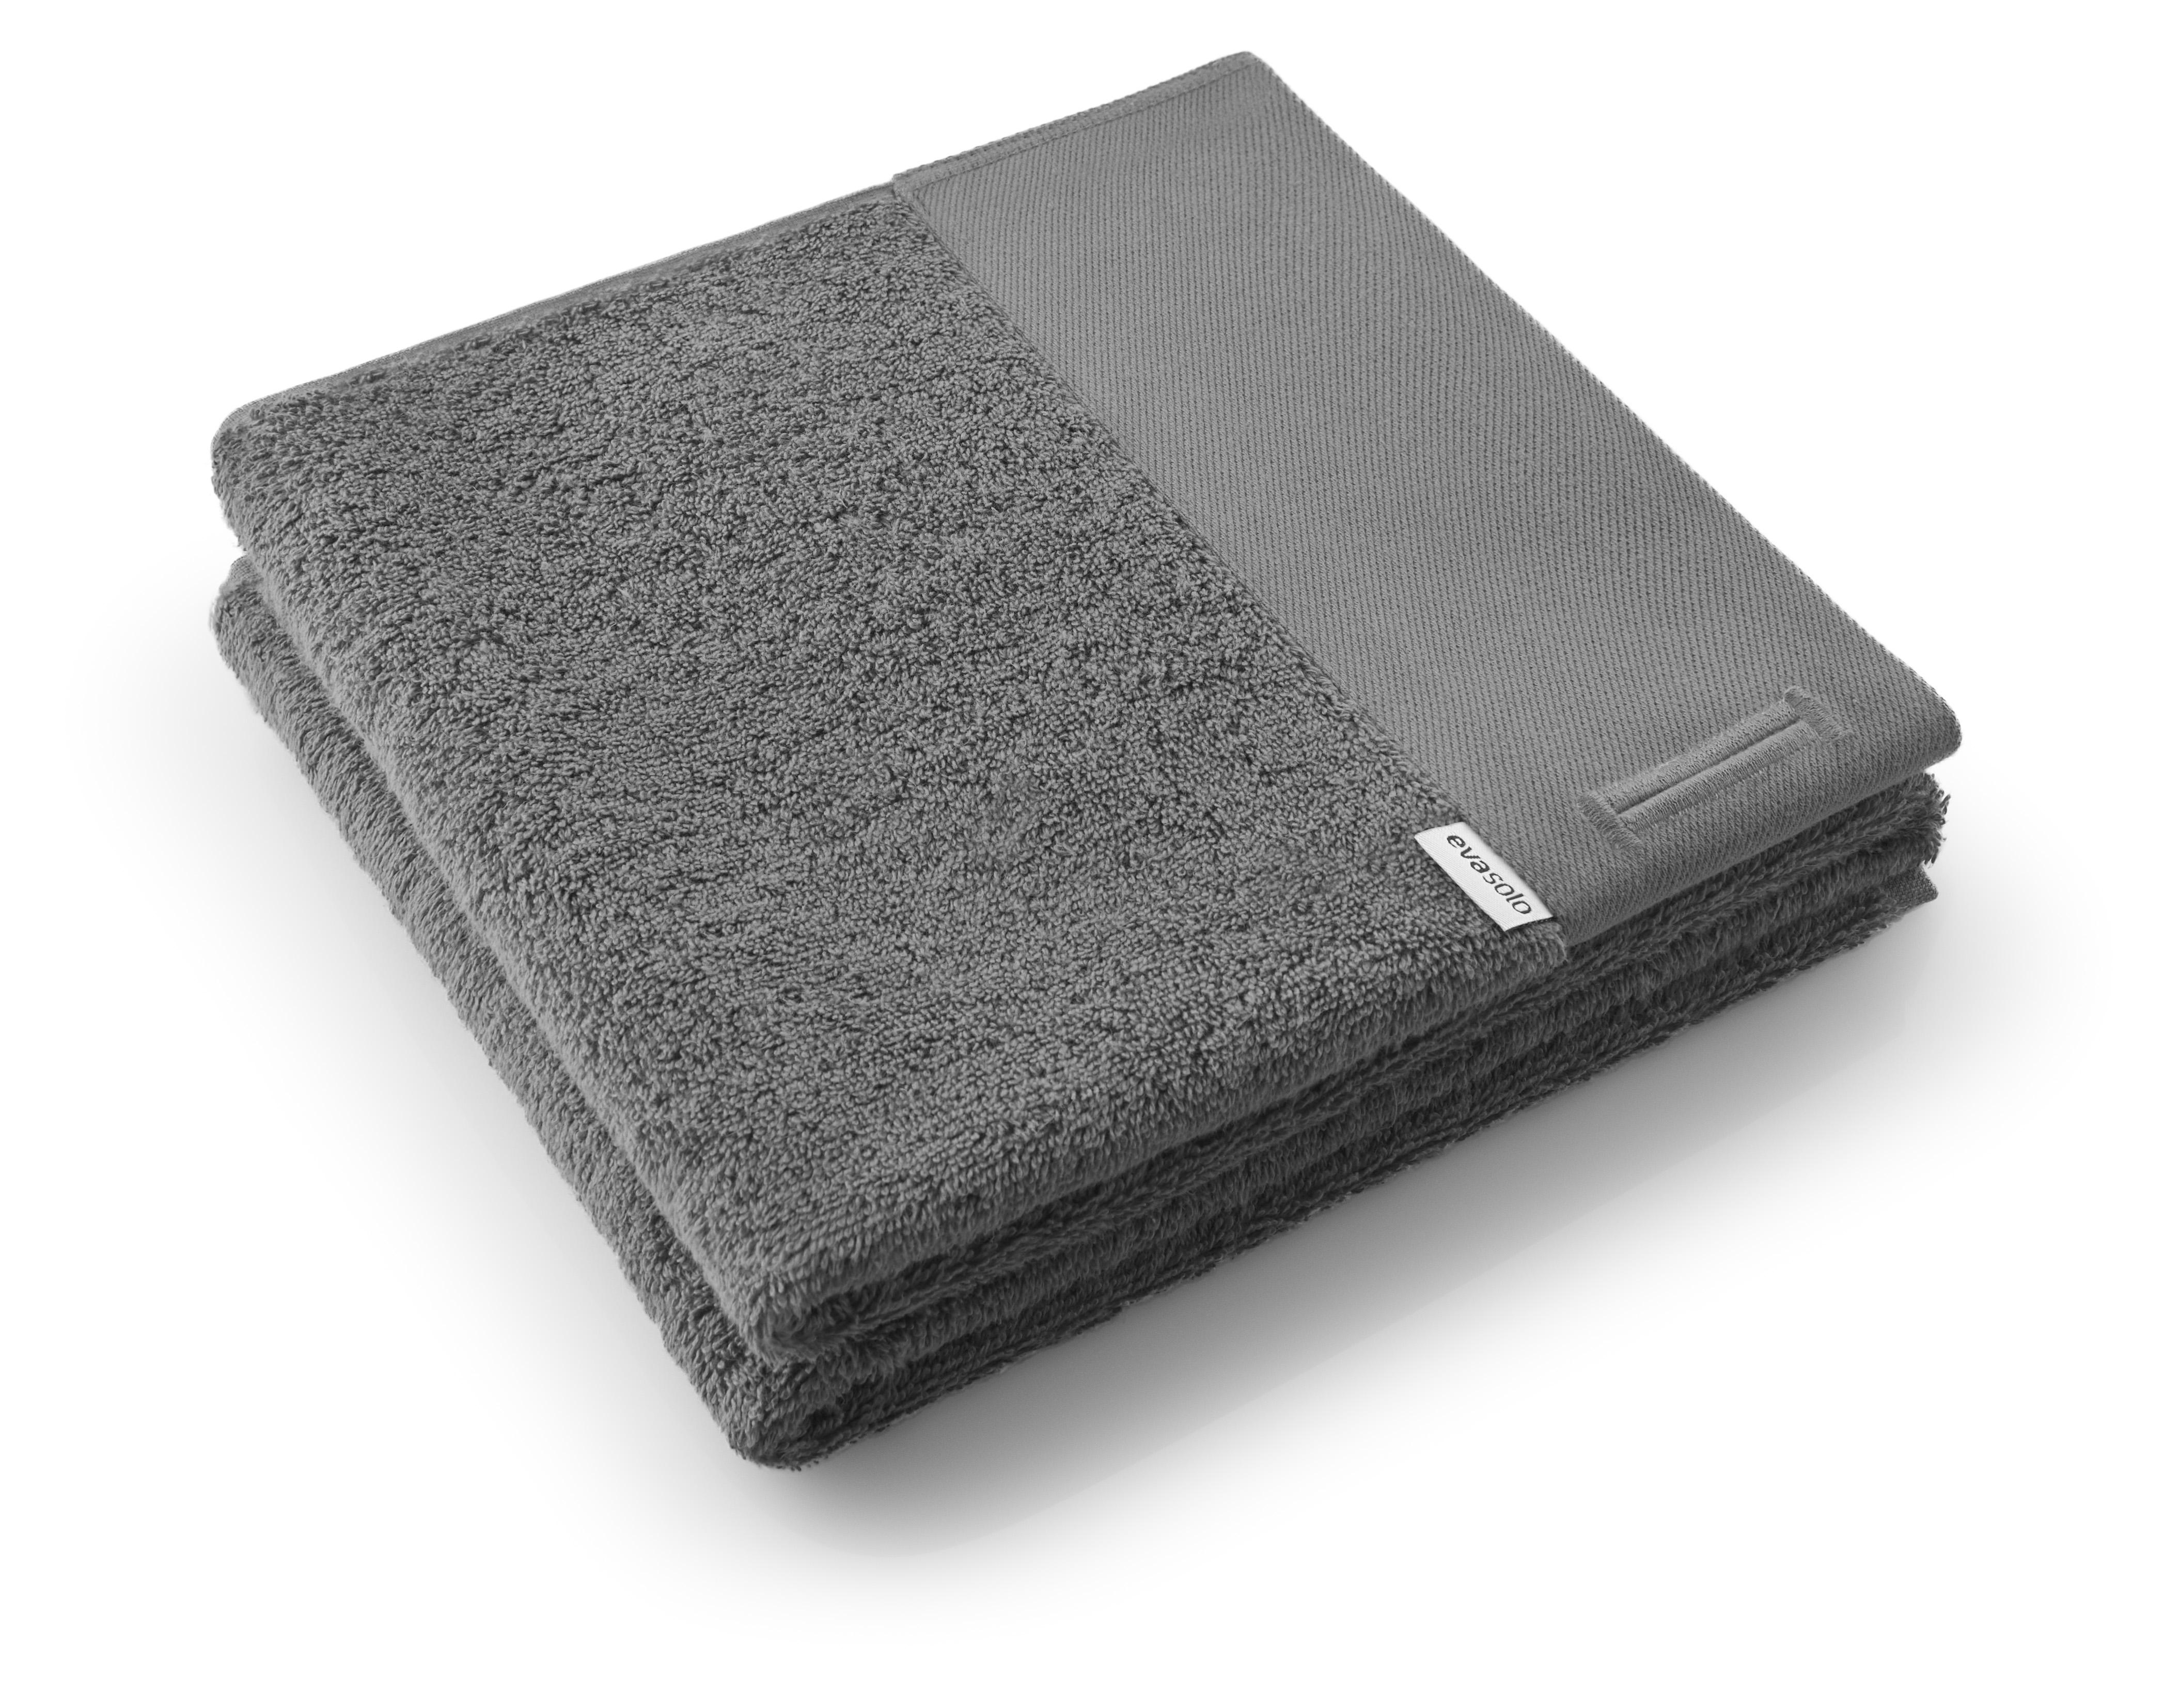 Eva Solo - Towel 50 x 100 cm - Dark Grey (592405)